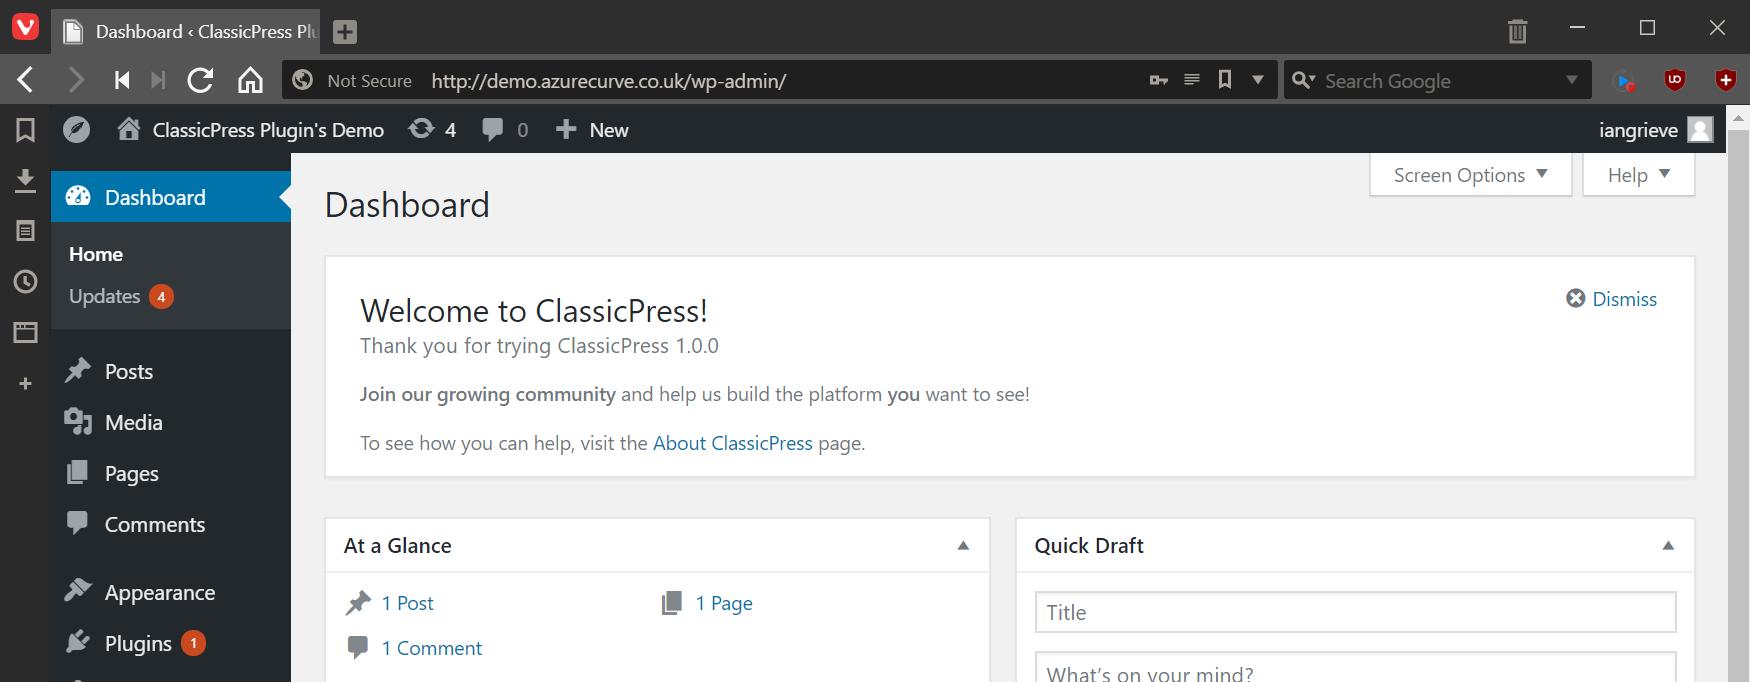 ClassicPress admin dashboard